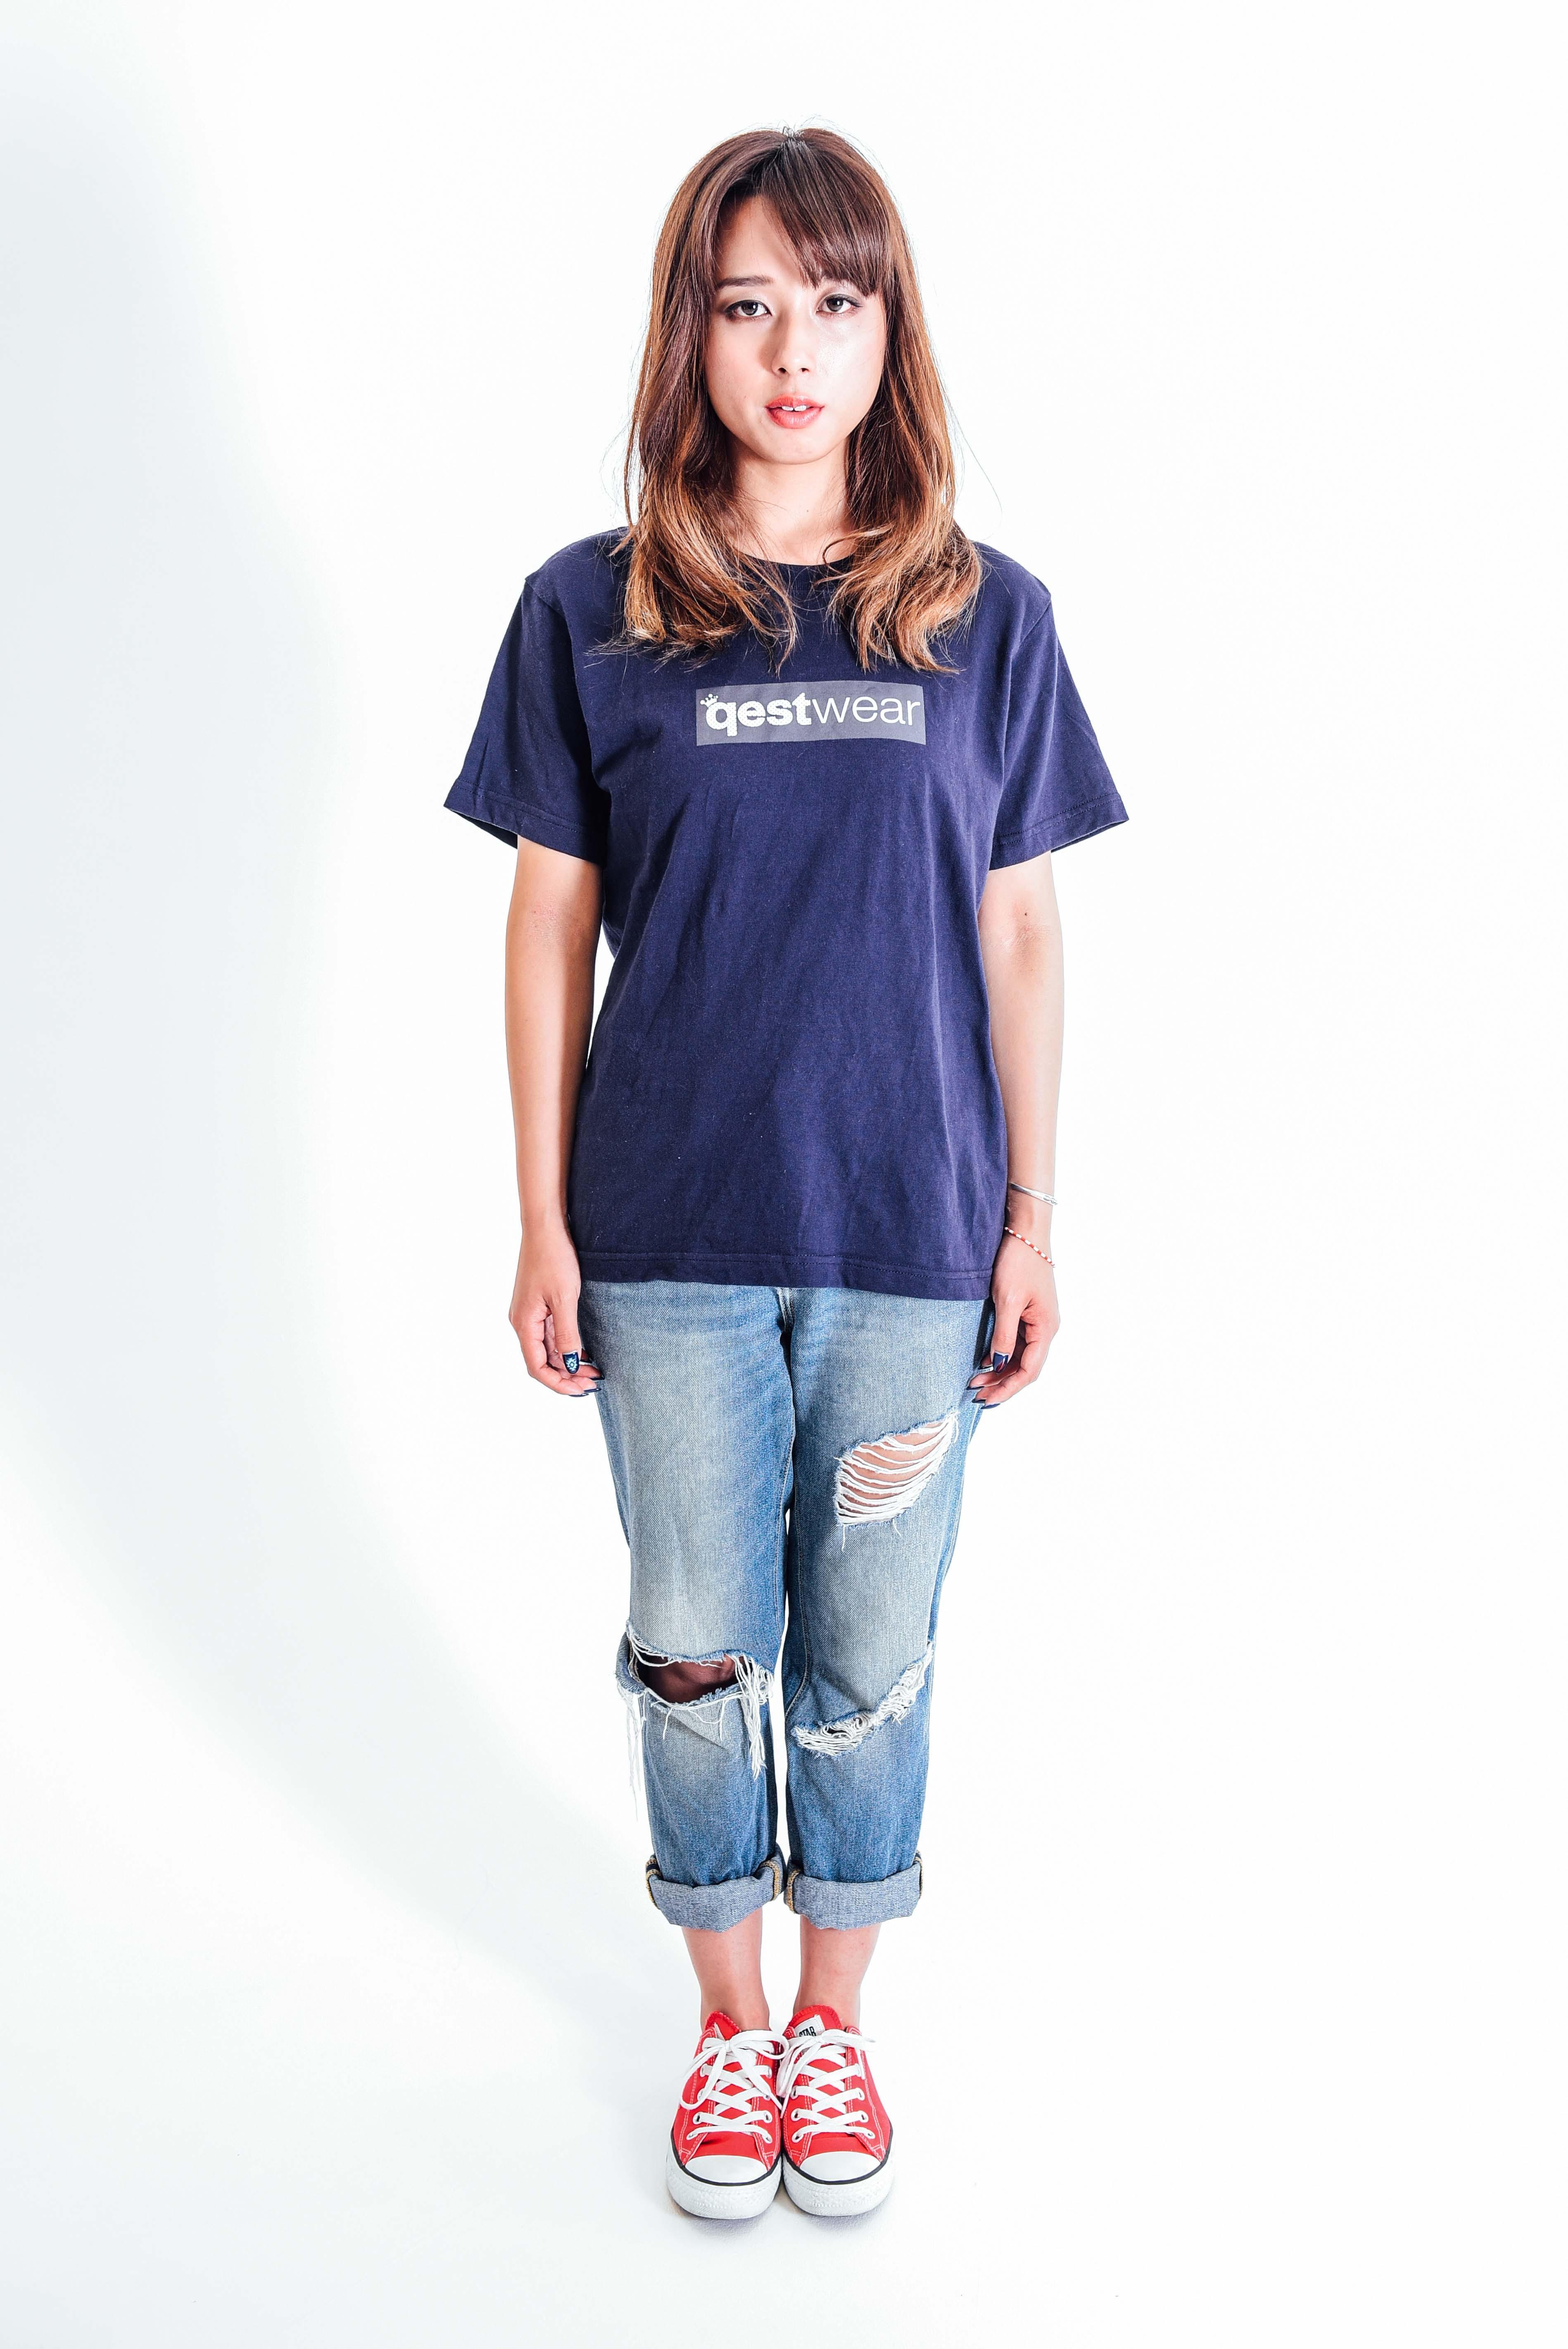 Box Logo Tshirt / Navy - 画像4